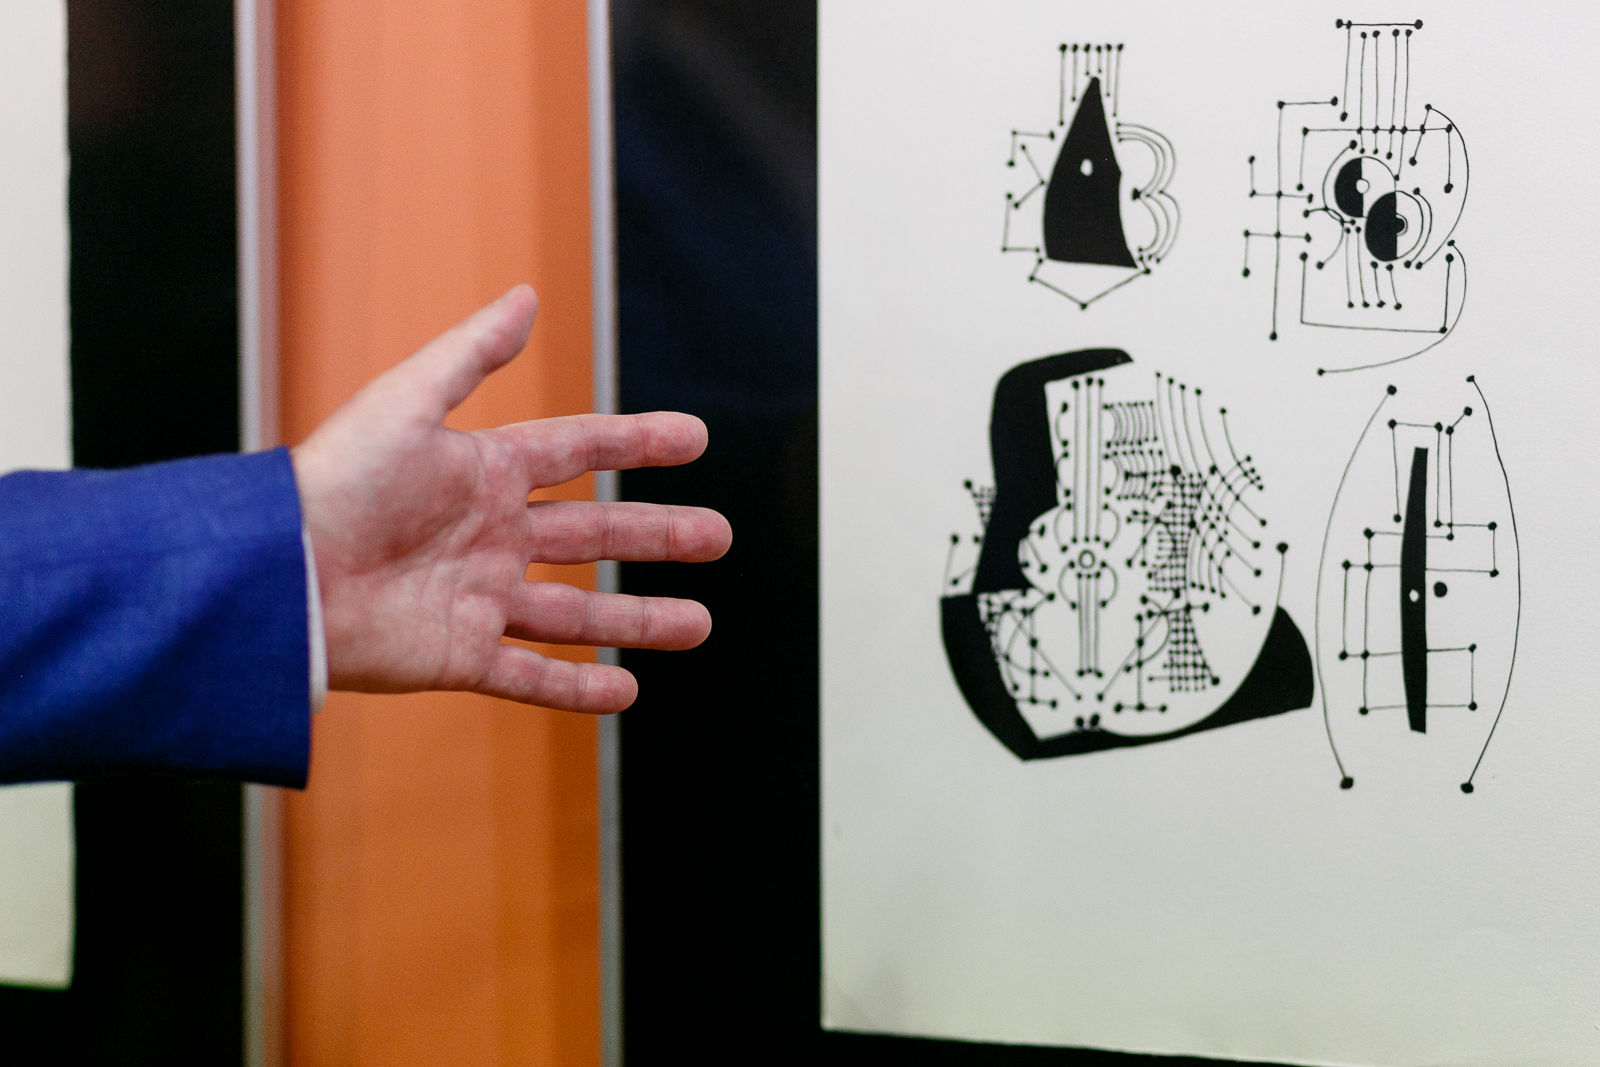 ©Фотография предоставлена организатором выставки «Пабло Пикассо: художник среди поэтов» в Краснодаре